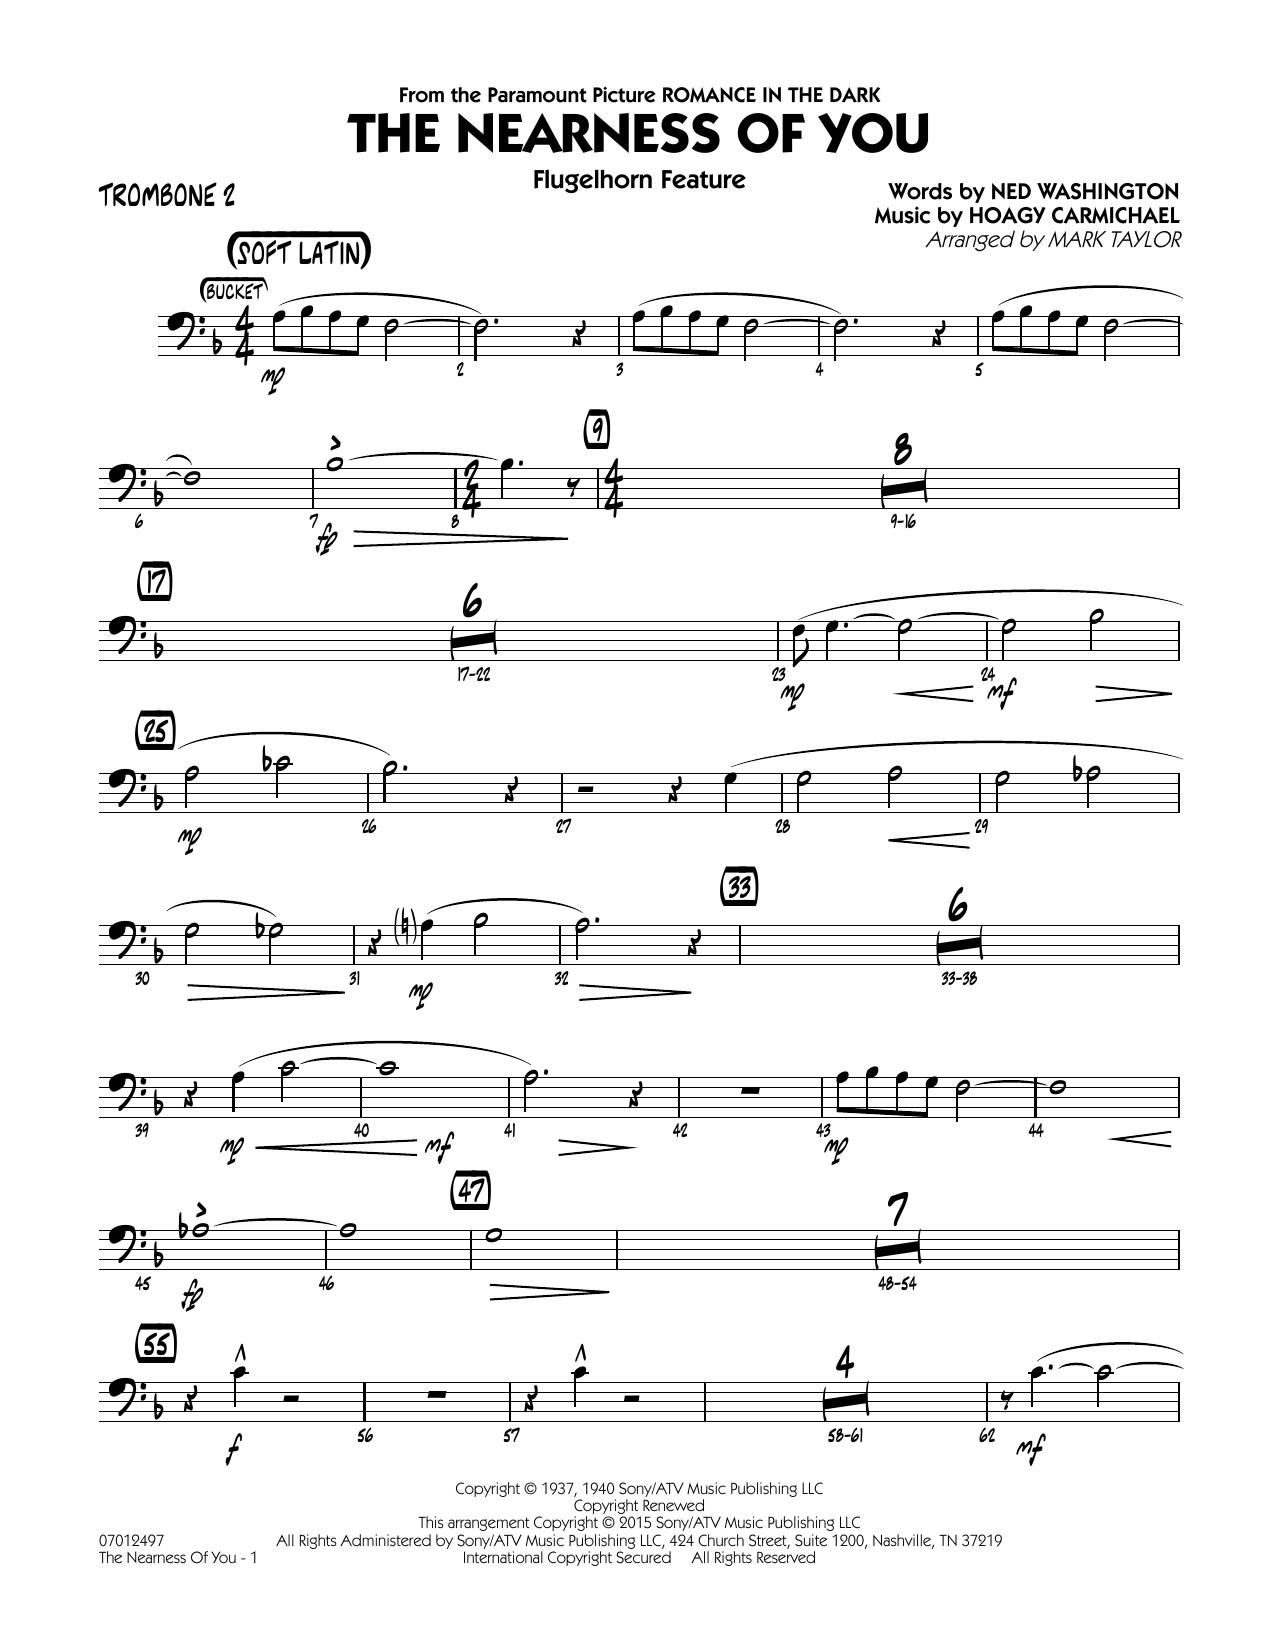 The Nearness of You (Flugelhorn Feature) - Trombone 2 (Jazz Ensemble)